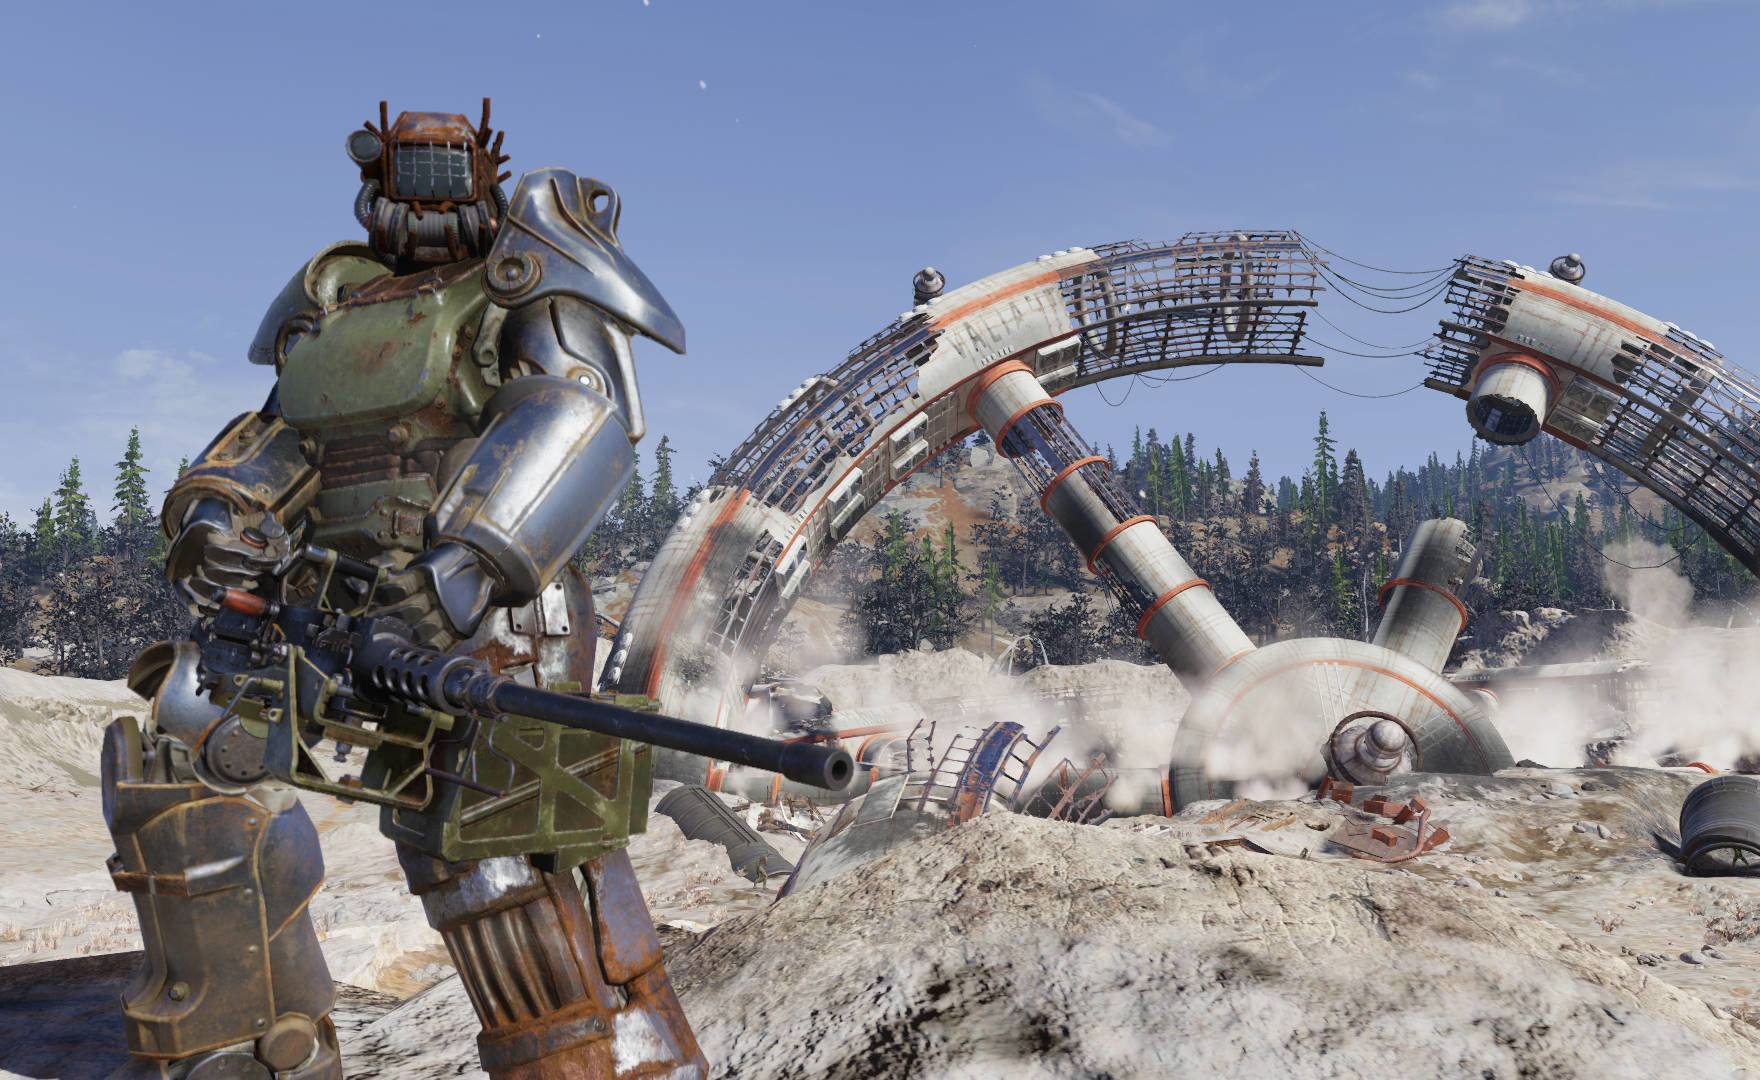 Fallout 76, Bethesda rimase sorpresa per lo scarso interesse dei giocatori verso il PvP